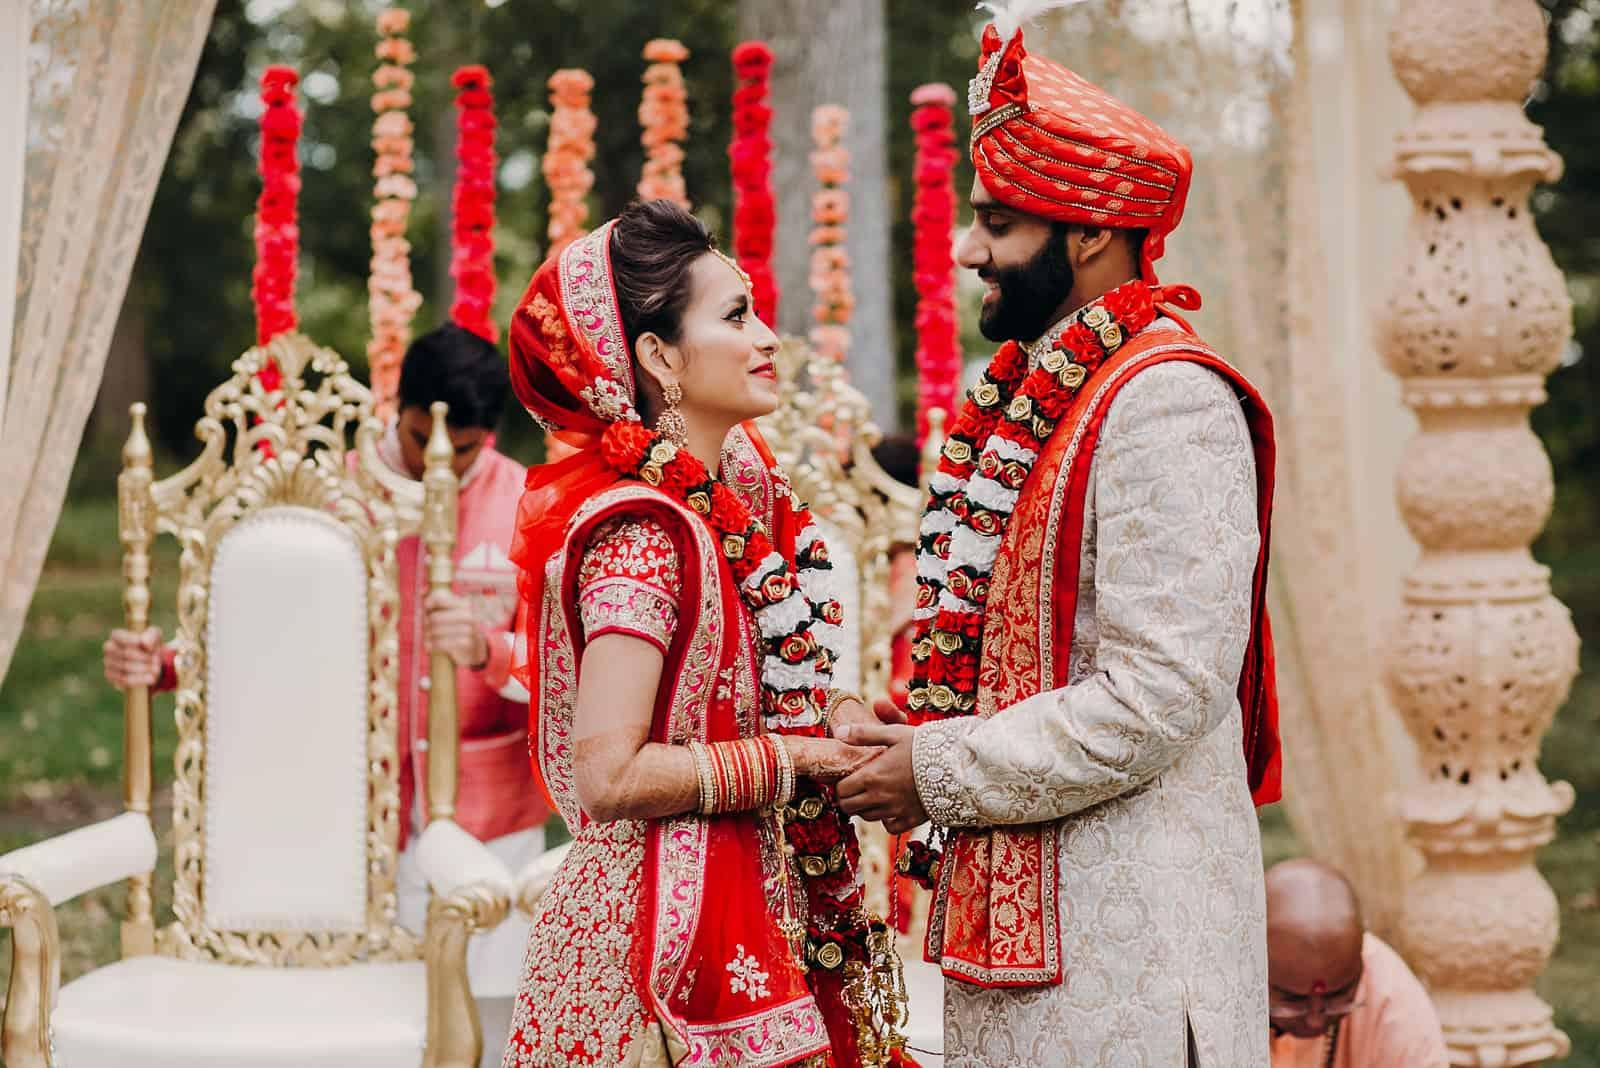 Indischer Bräutigam gekleidet in weißem Sherwani und rotem Hut mit atemberaubender Braut